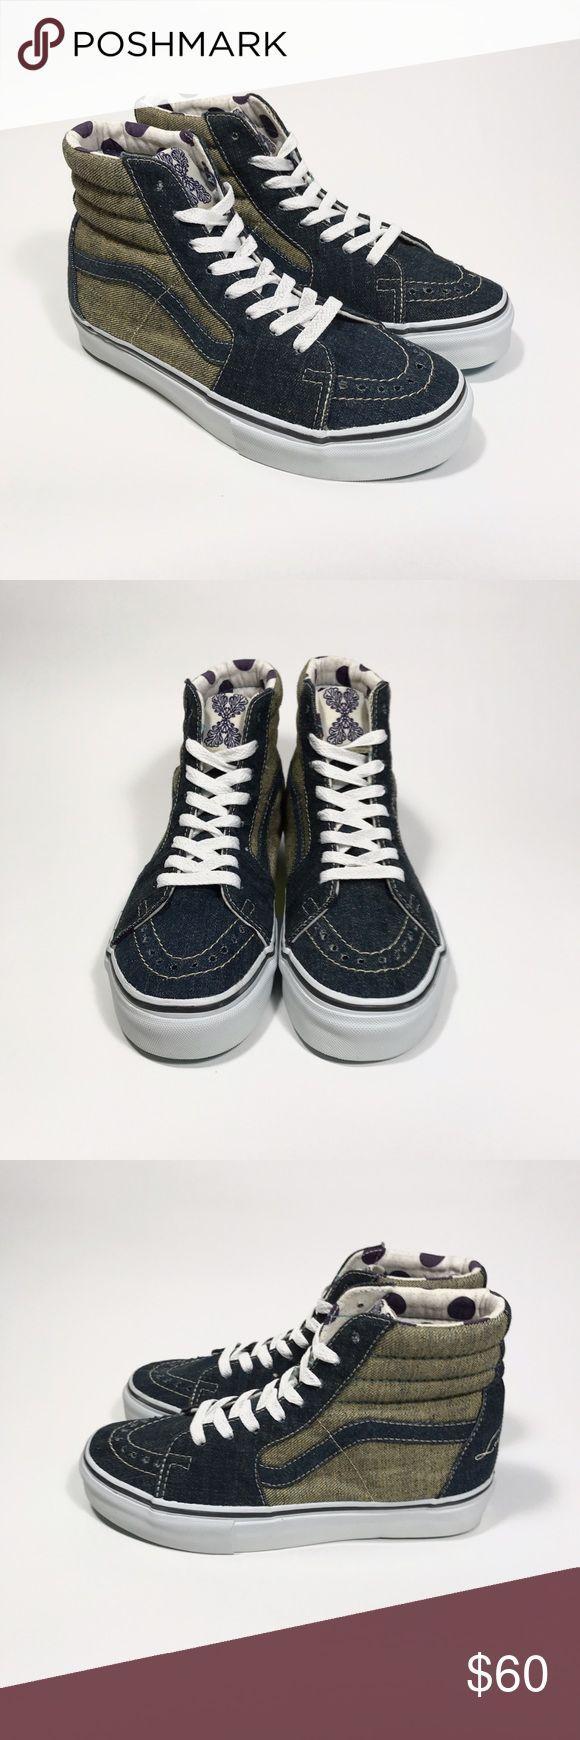 Vans Sk8-Hi Slim (Rivets) Mixte Adulte, Cuir Lisse, Sneaker High, 38 EU